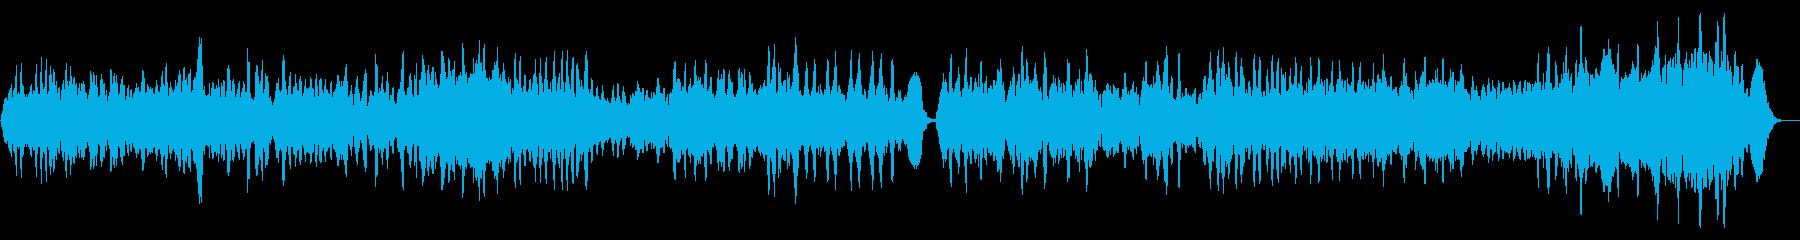 バッハ無伴奏チェロ組曲「プレリュード」の再生済みの波形